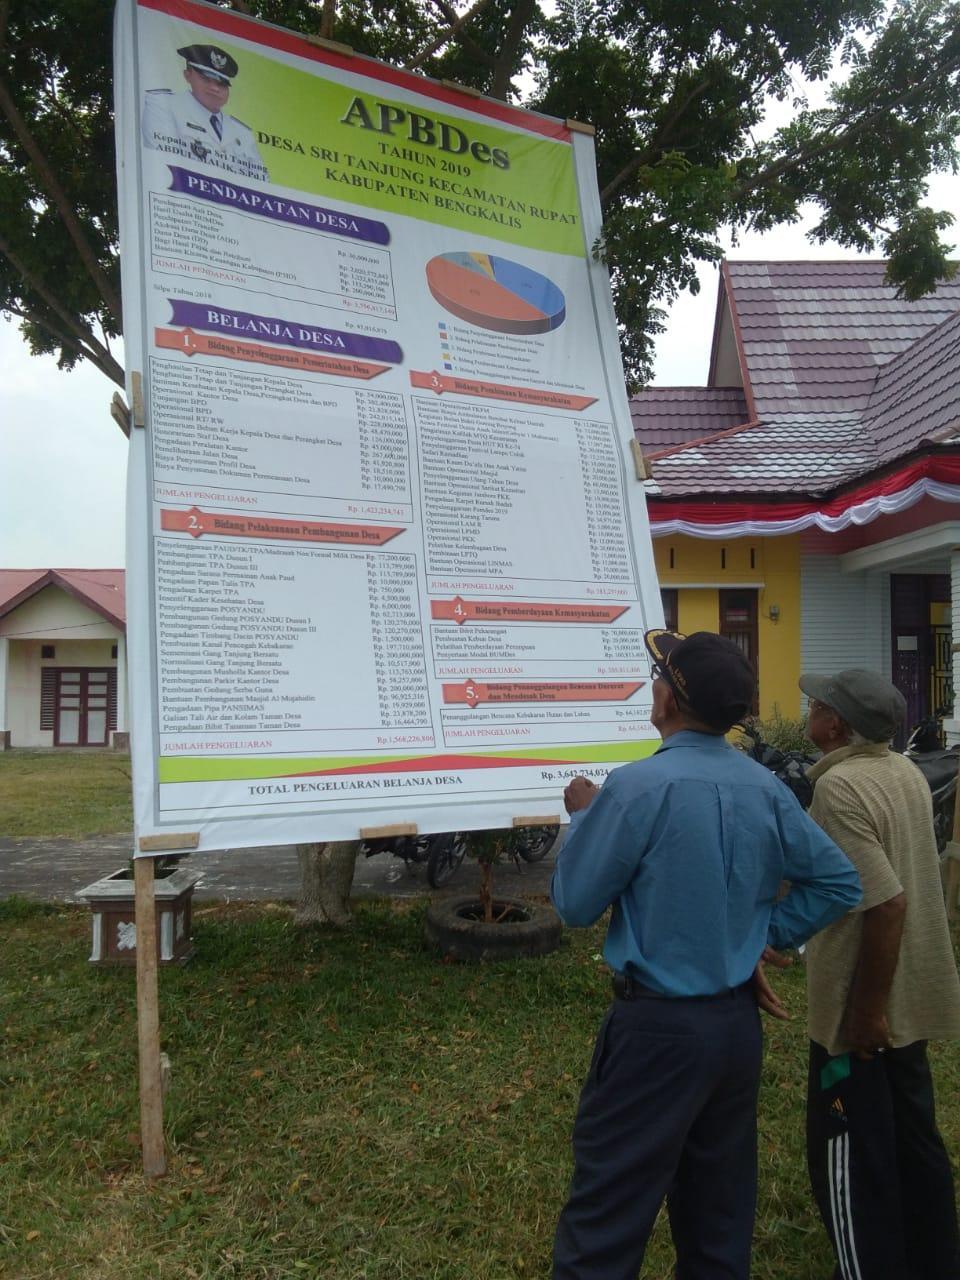 Pasang Baliho APBDes2019, Desa Sri tanjung Komitmen Transparansi Anggaran